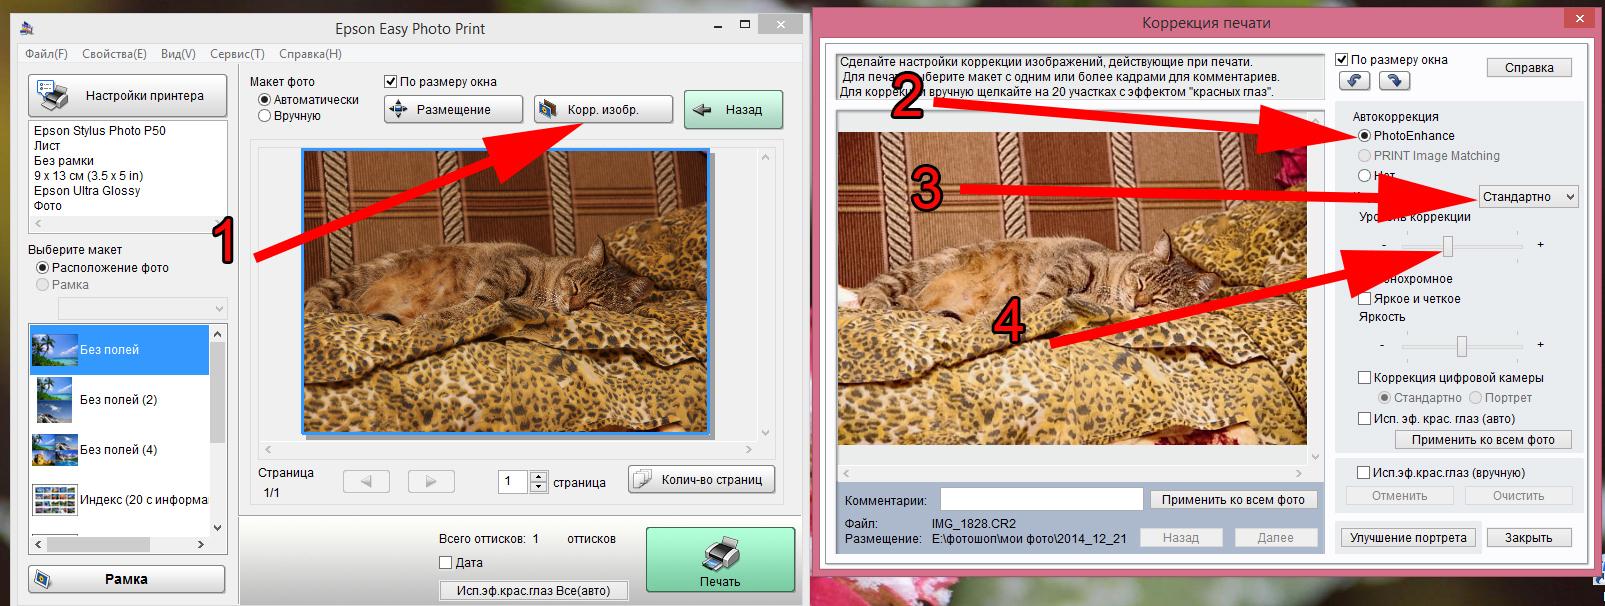 Ответы@Mail.Ru: Принтер (Epson L800) печатает темные и тусклые фотографии, с чем это связано? как исправить?